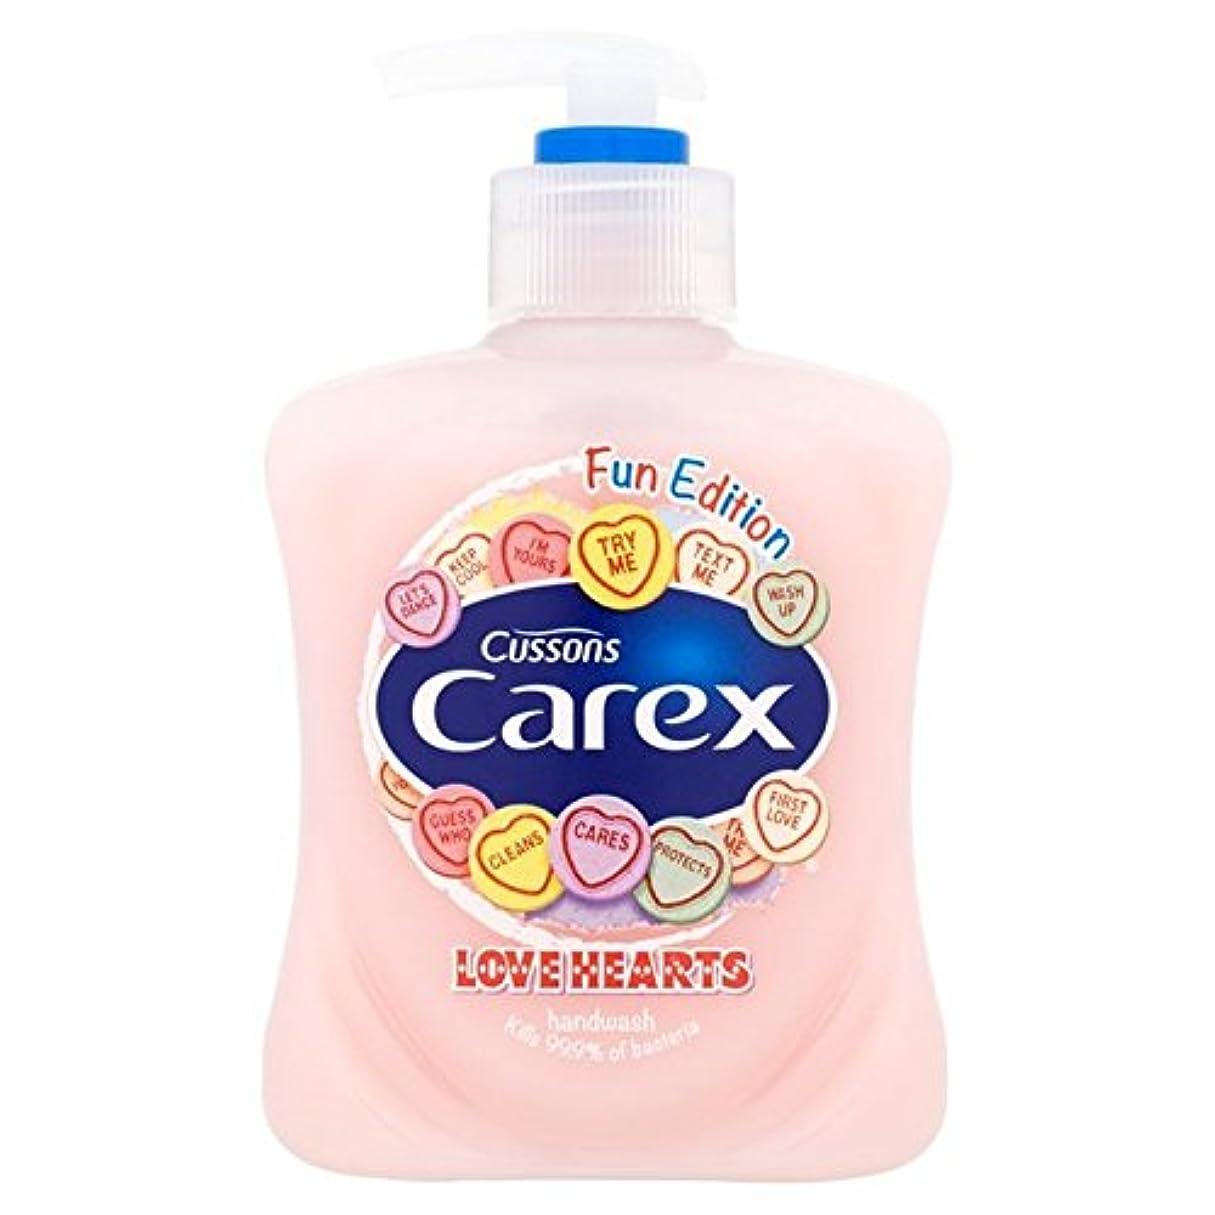 後廃止コンサートスゲ楽しい版愛の心のハンドウォッシュ250ミリリットル x2 - Carex Fun Edition Love Hearts Hand Wash 250ml (Pack of 2) [並行輸入品]